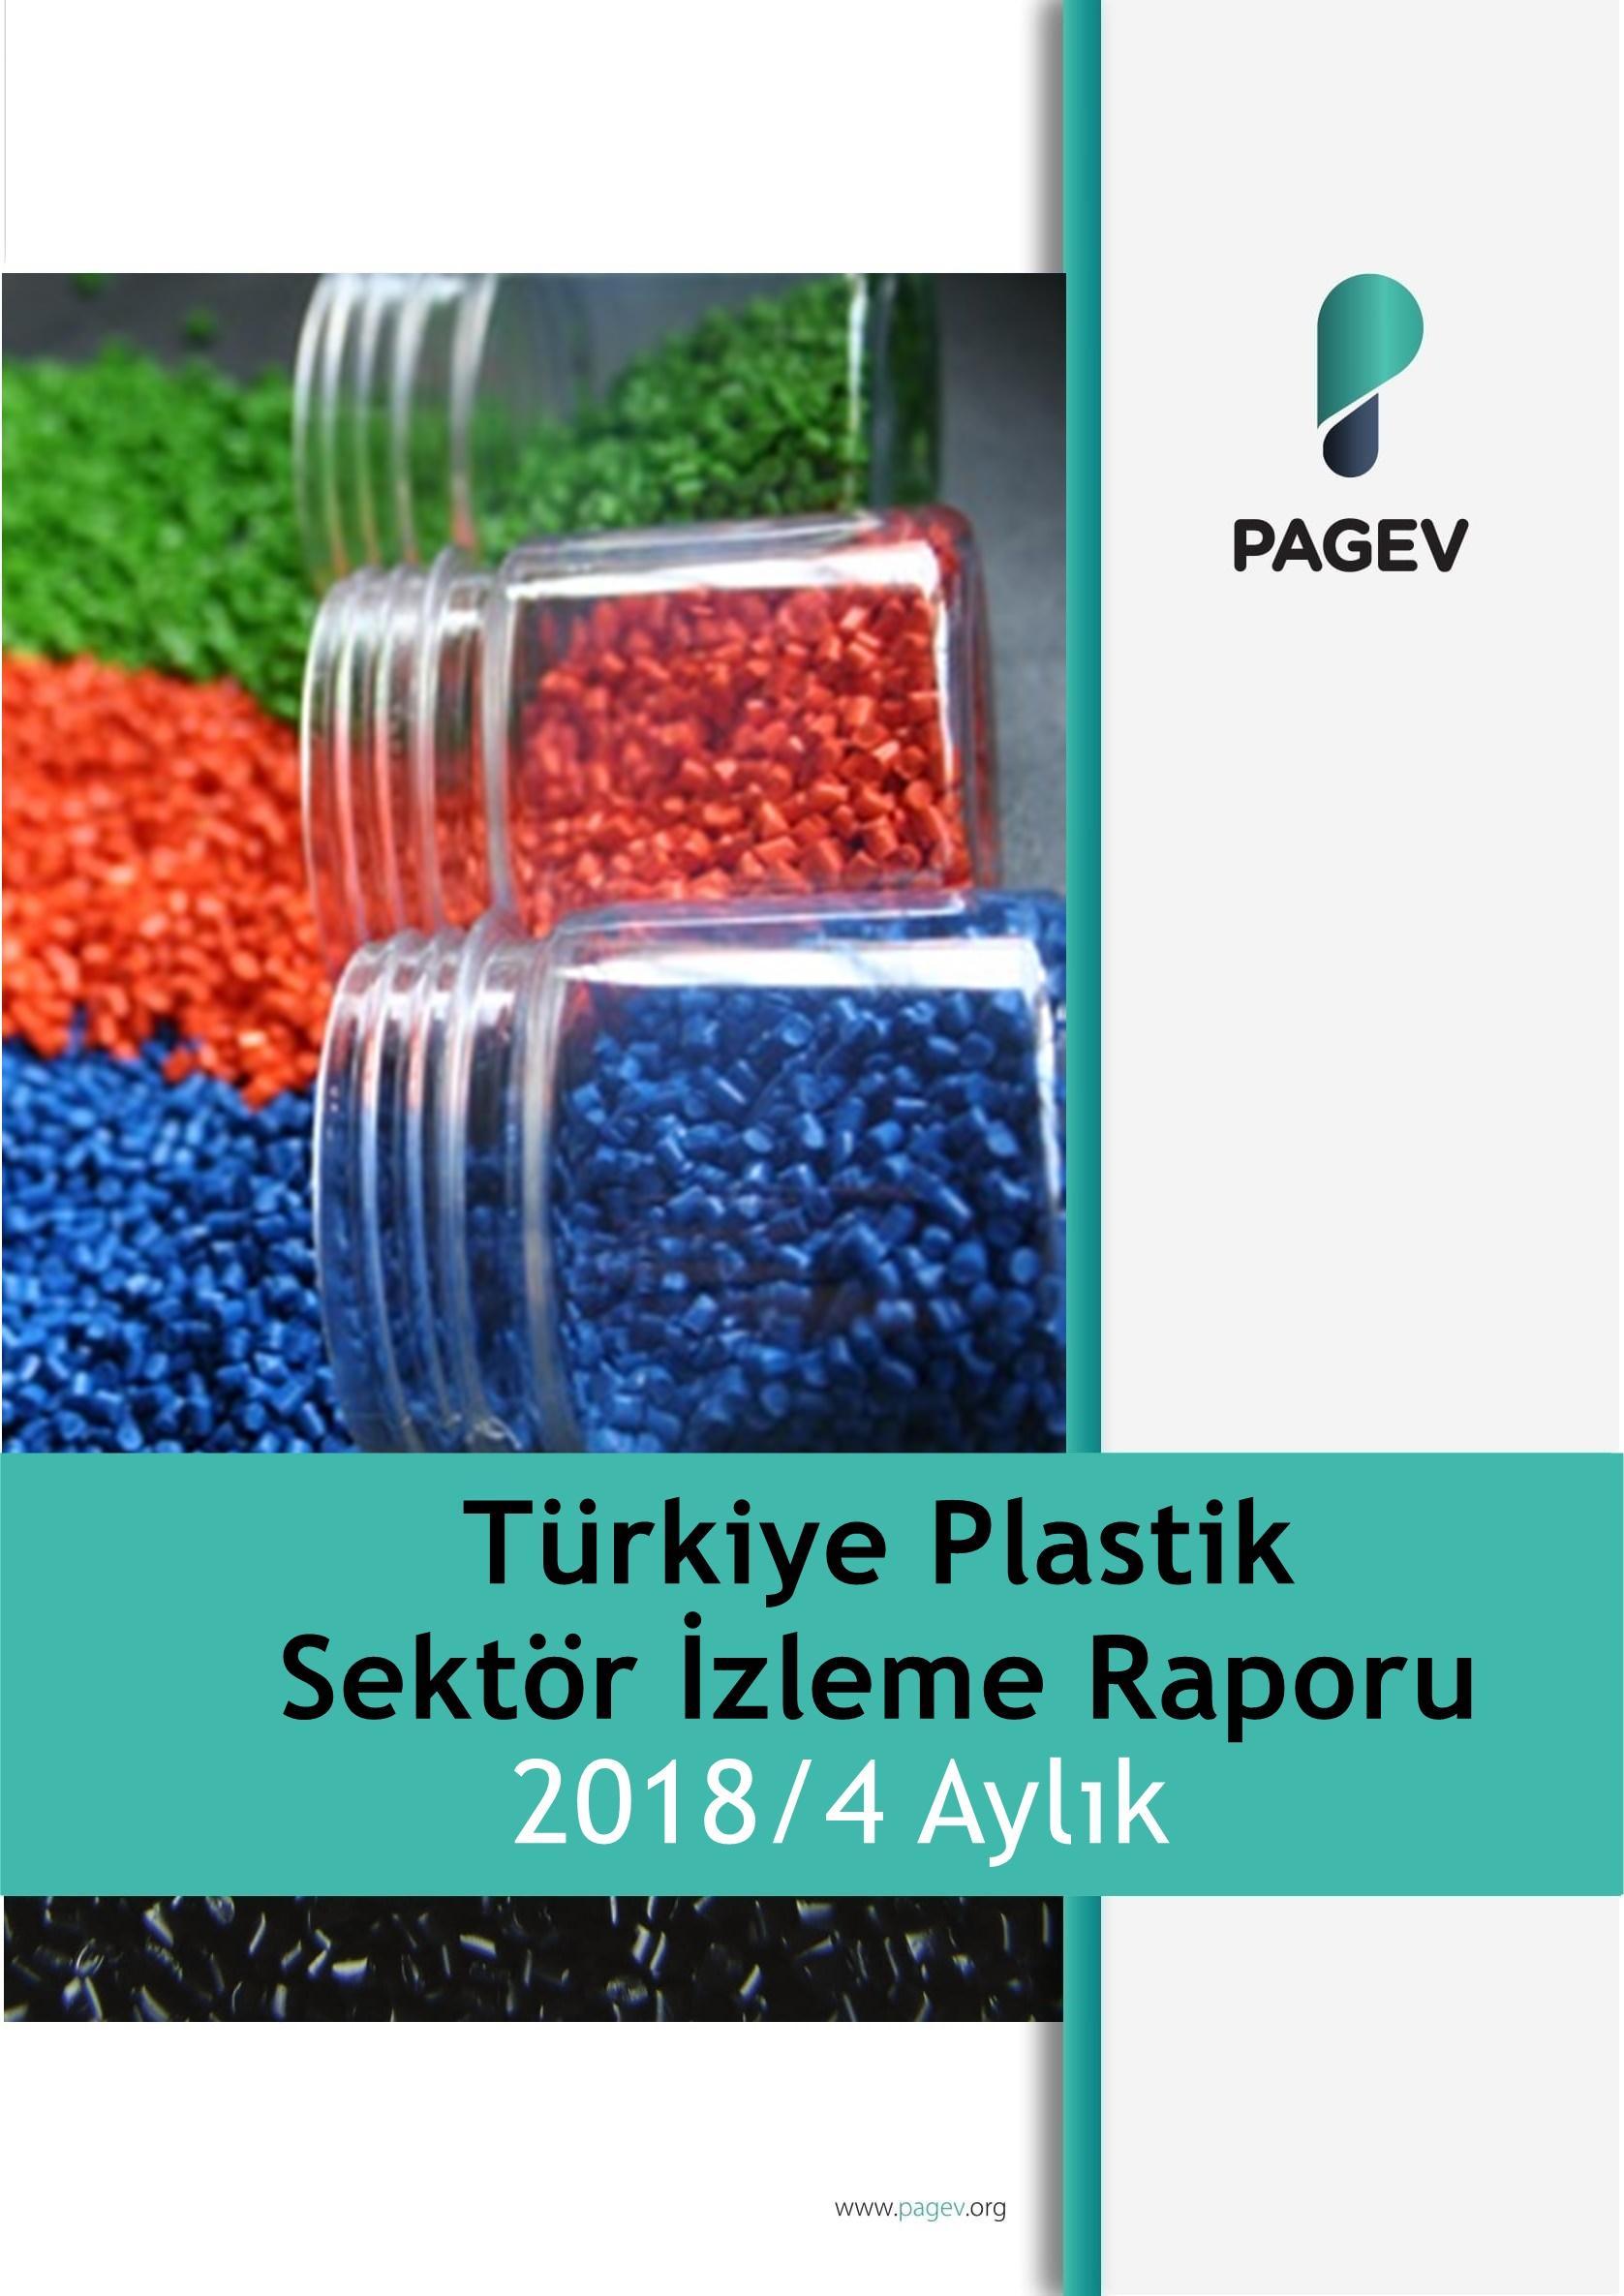 Türkiye Plastik Sektör İzleme Raporu 2018/4 Aylık